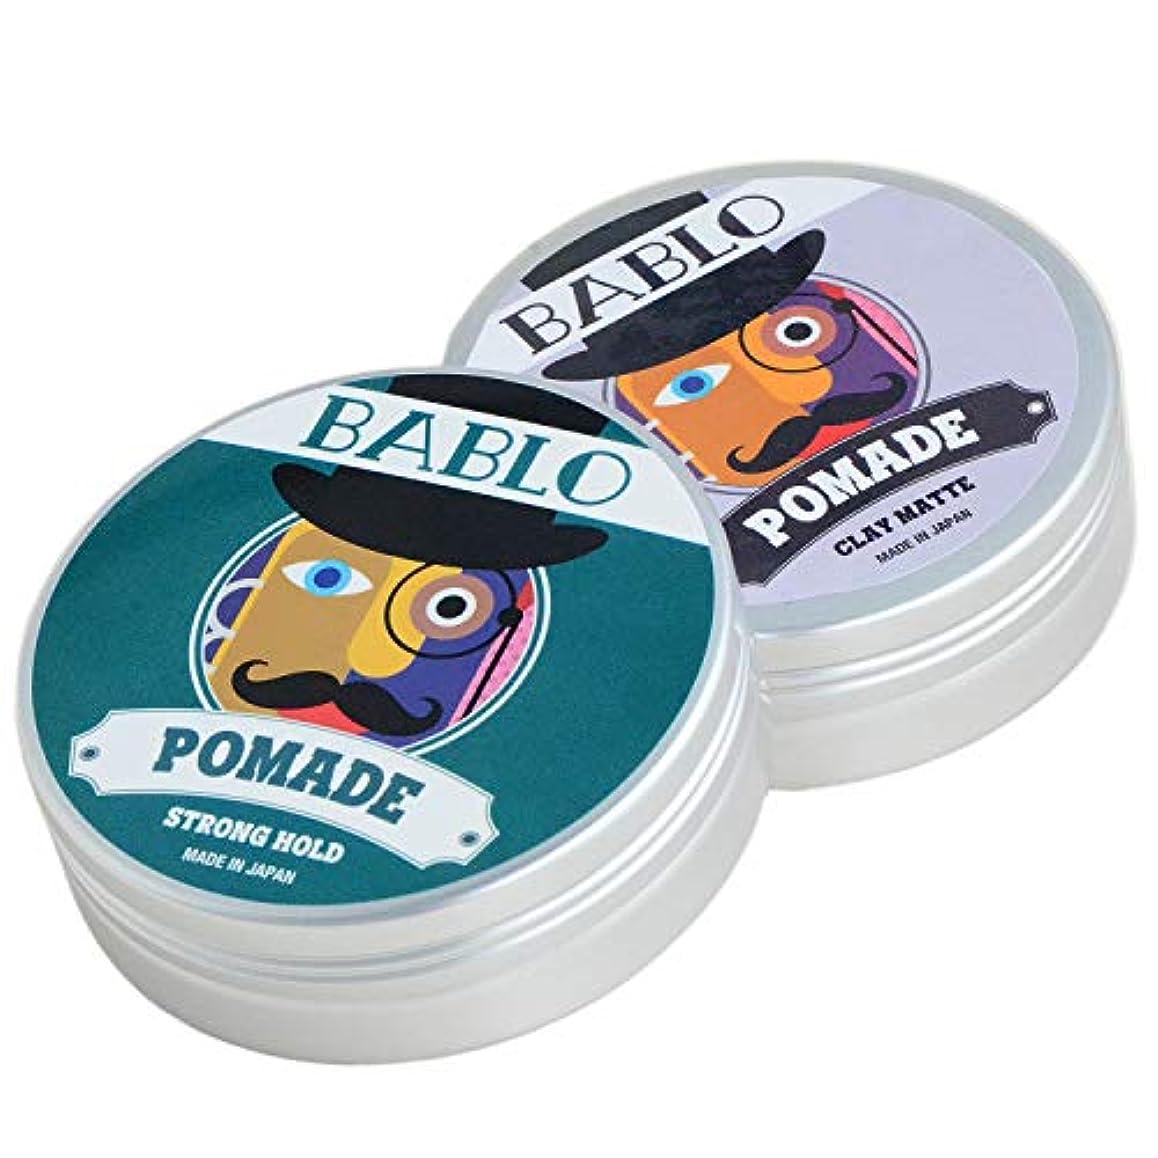 カメラ子猫タフバブロ ポマード(BABLO POMADE) ストロング ホールド メンズ 整髪料 水性 ヘアグリース (単品&クレイマットセット)